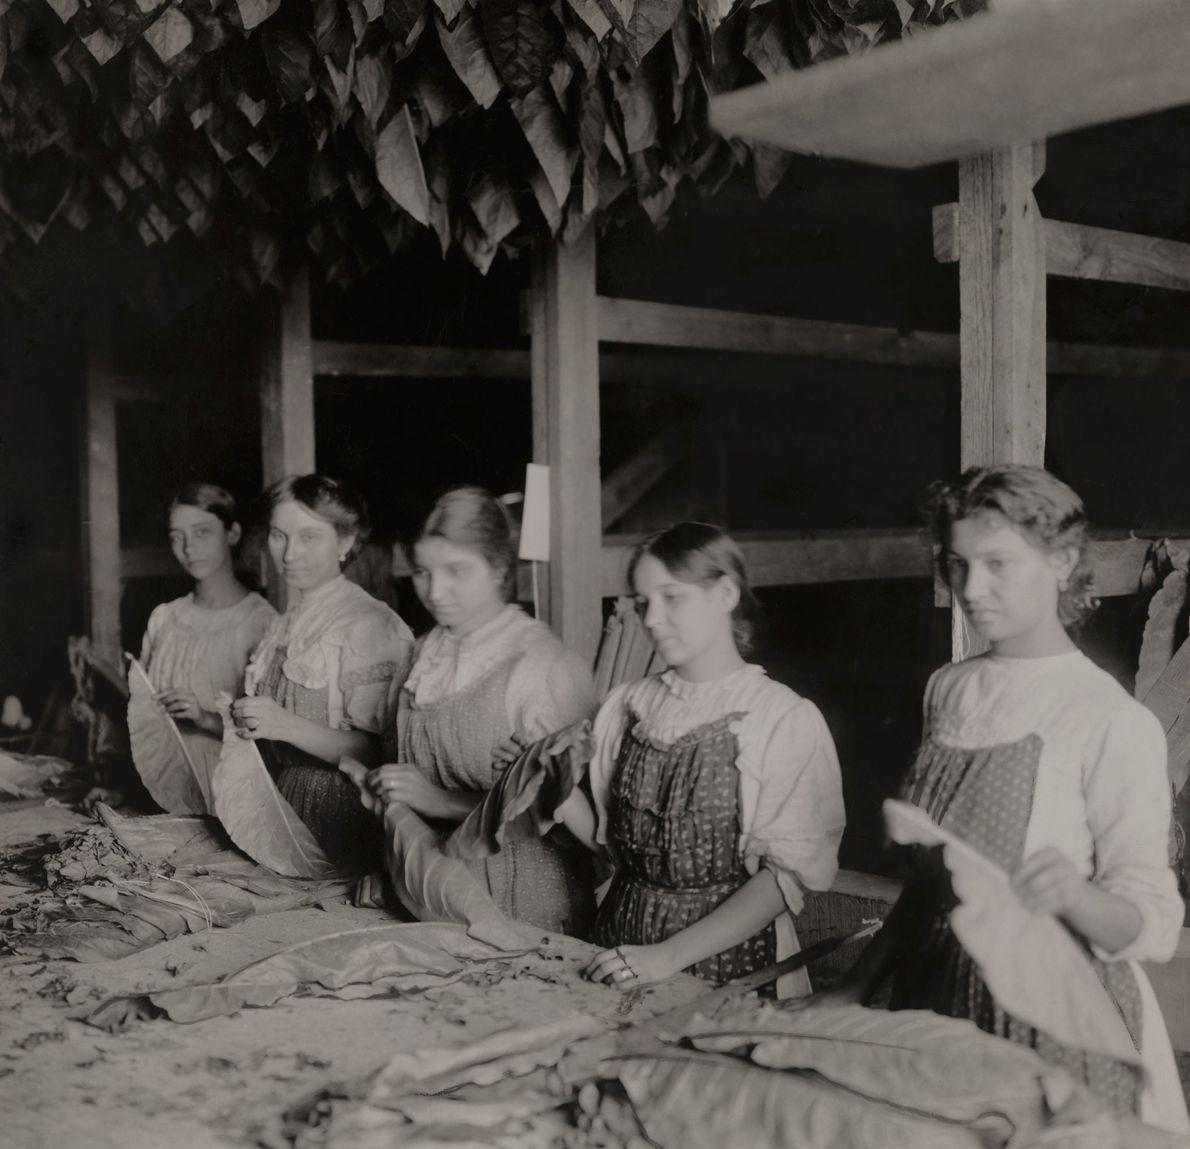 Los trabajadores preparan hojas de tabaco para curar en un granero cubano en 1920.